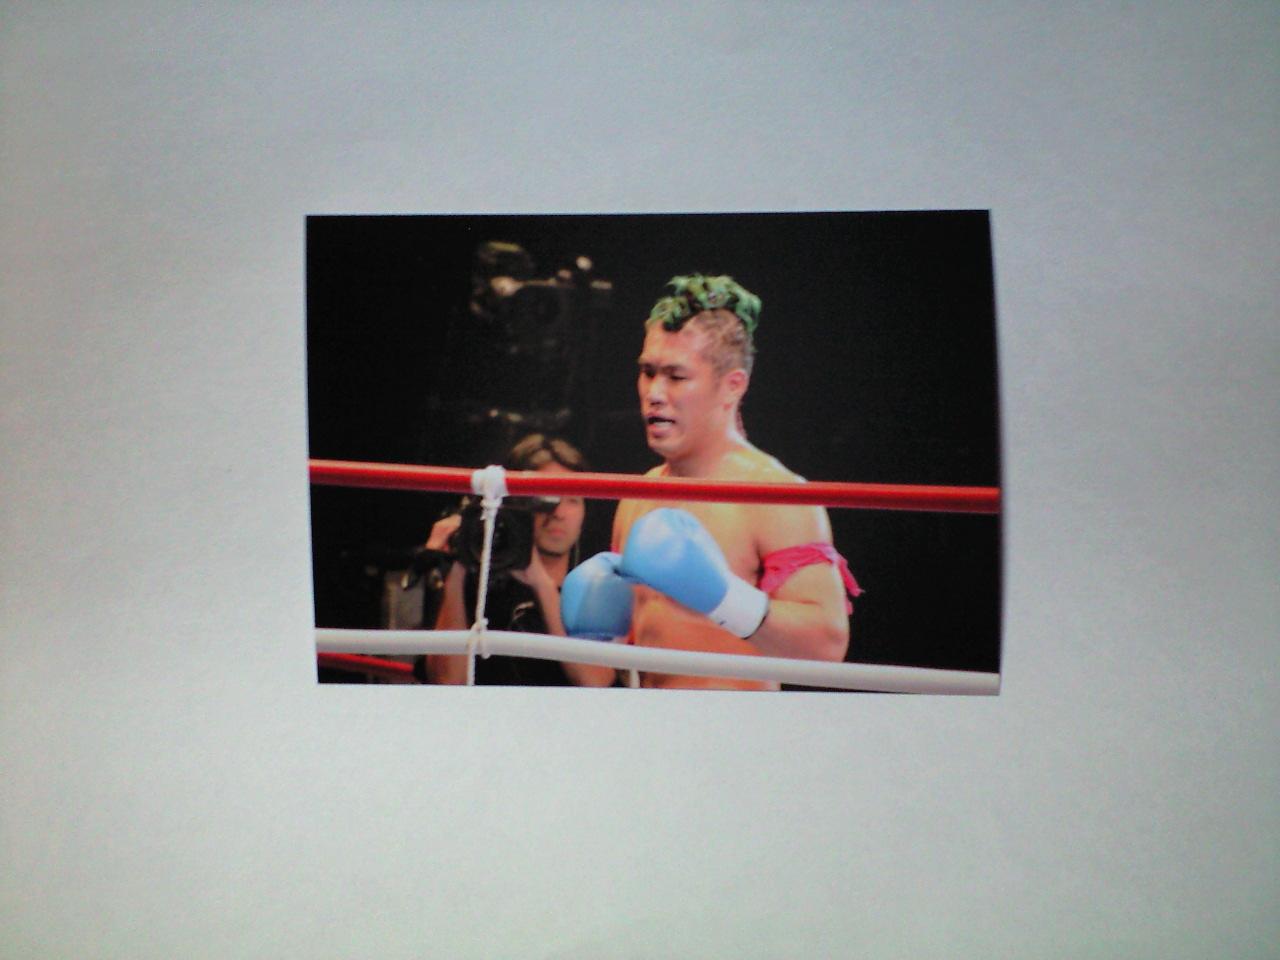 前田慶次郎 vs メルヴィン・マヌーフ